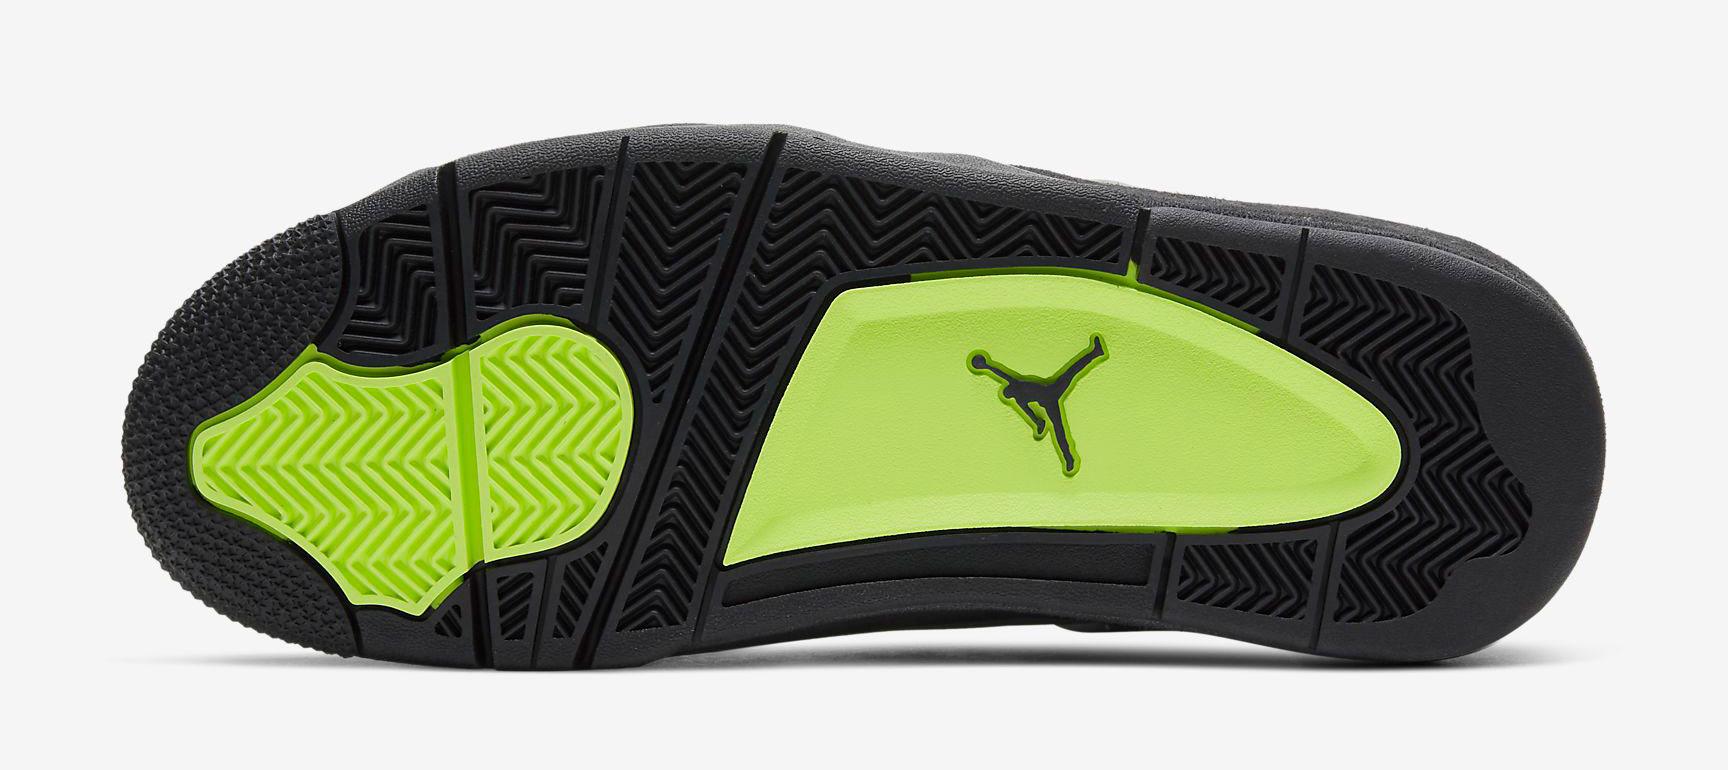 air-jordan-4-neon-release-date-price-6